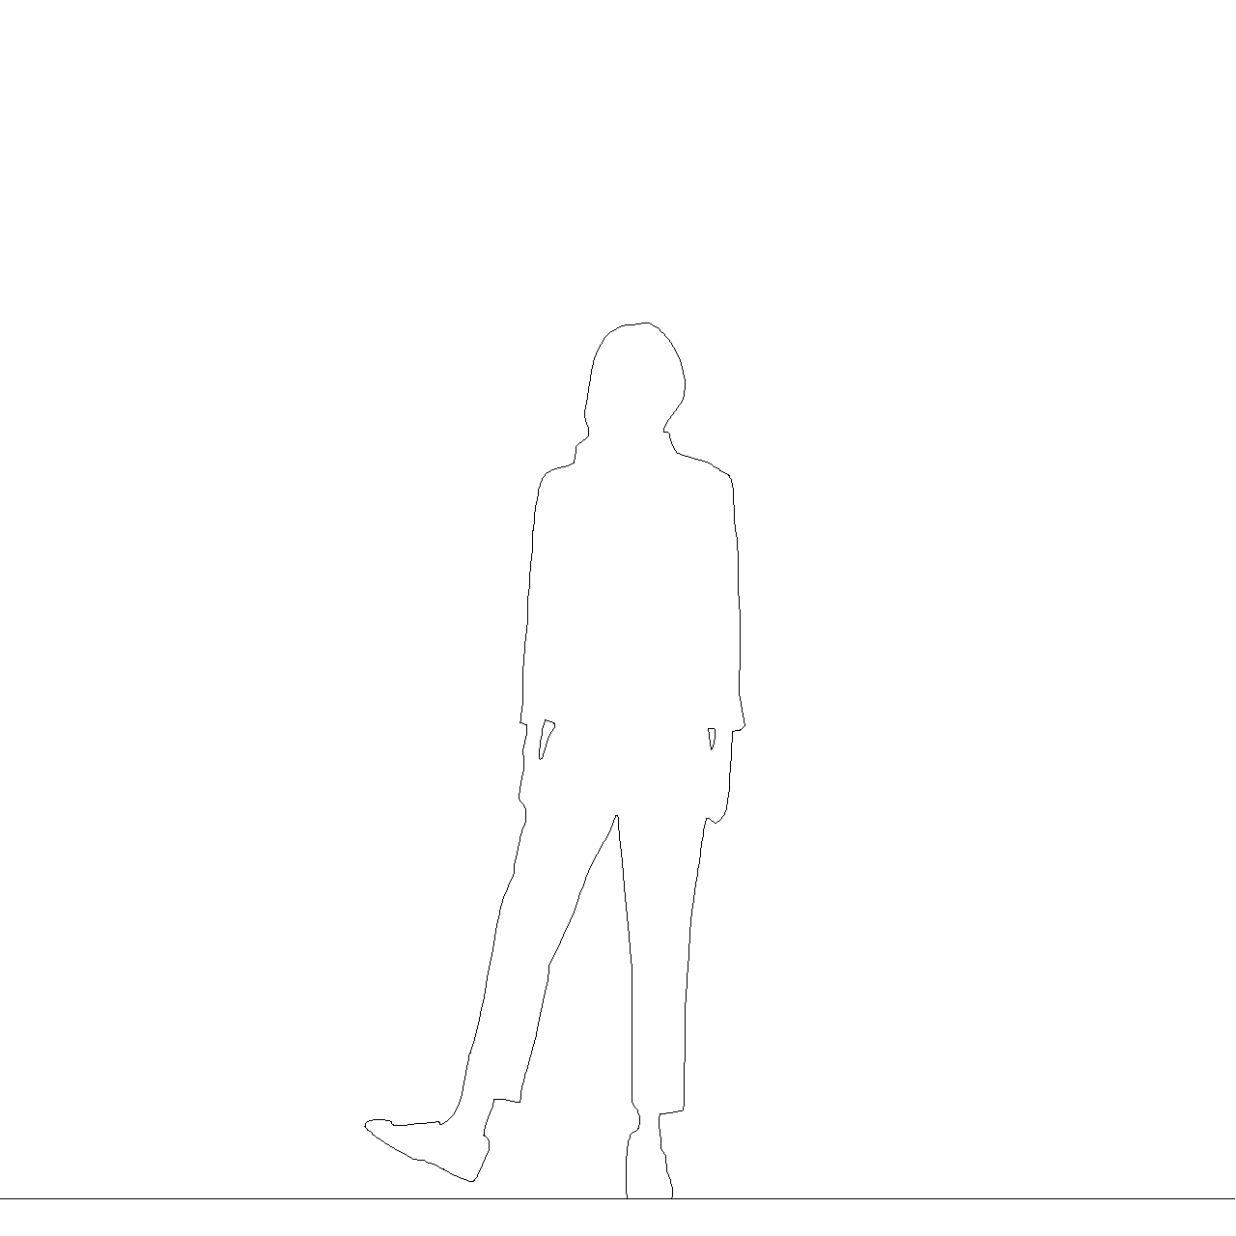 クロップドパンツを穿いた女性の2DCAD部品丨シルエット 人間 女性丨無料 商用可能 フリー素材 フリーデータ AUTOCAD DWG DXF